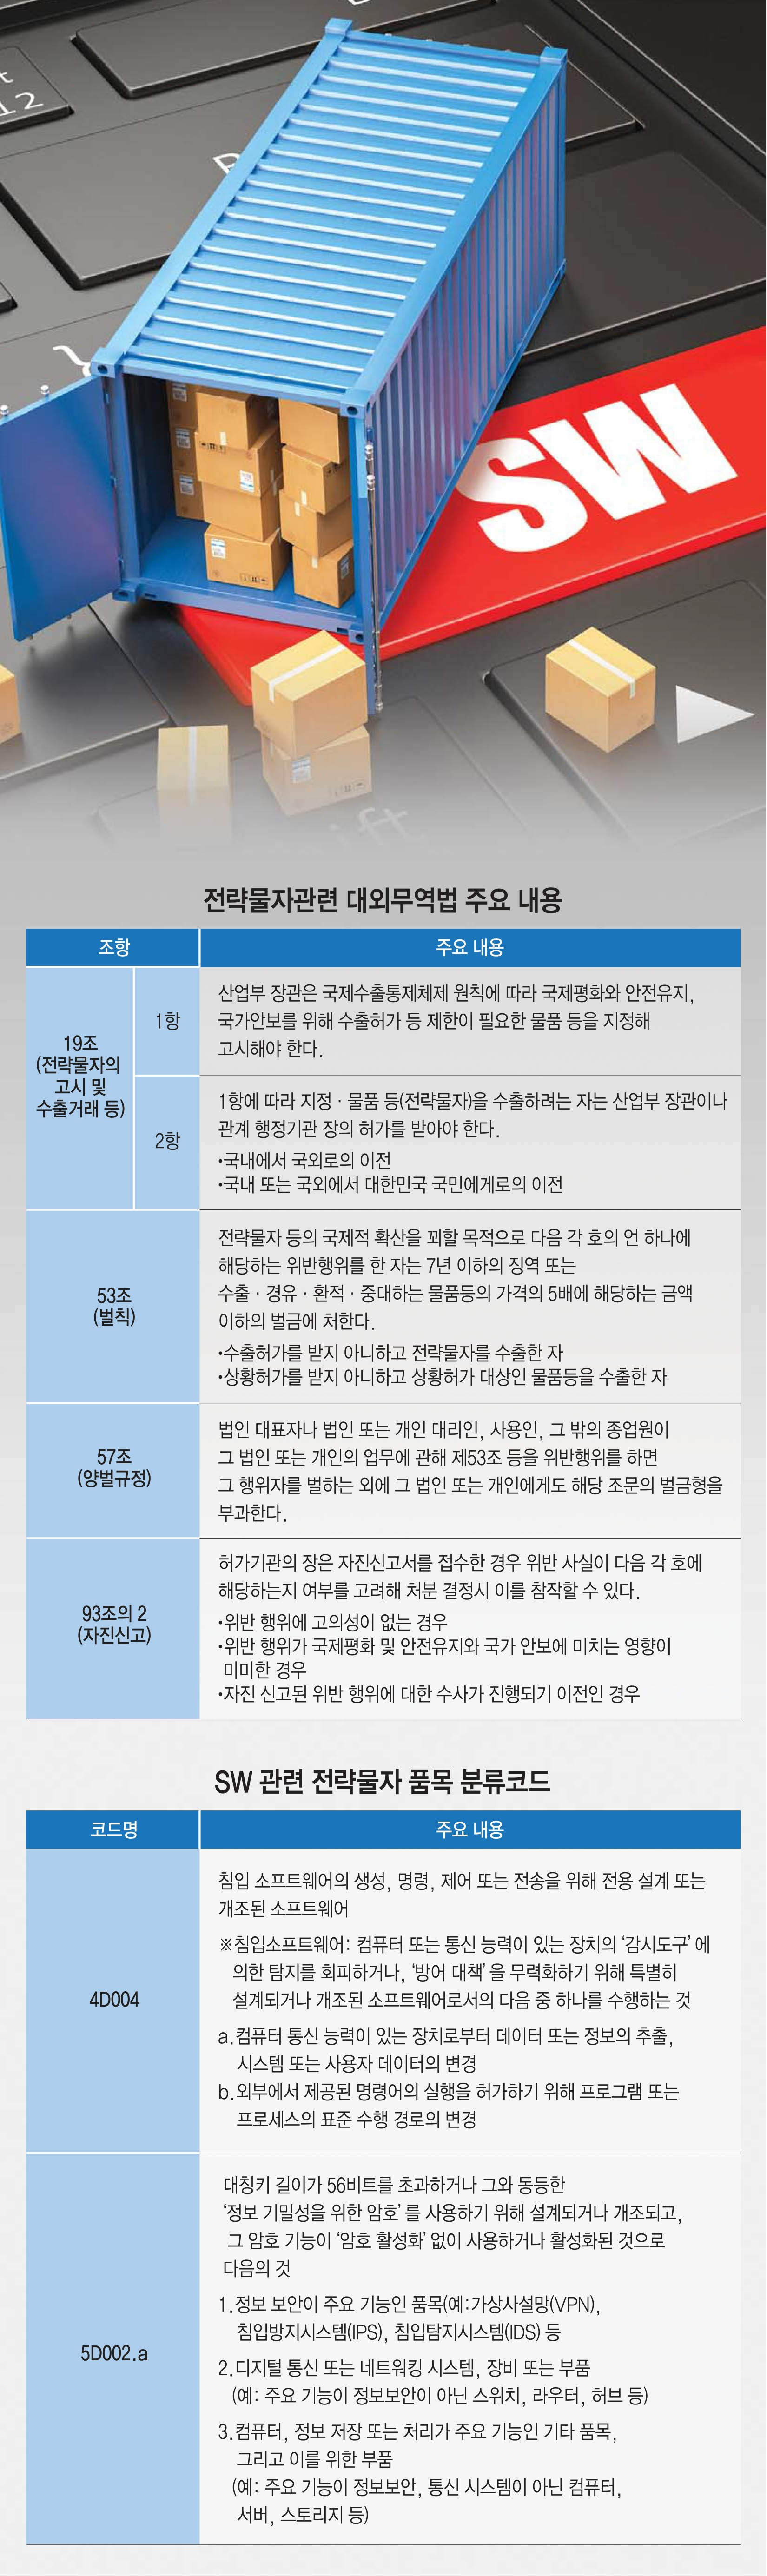 [이슈분석]SW전략물자관리제도, 무엇이 문제인가